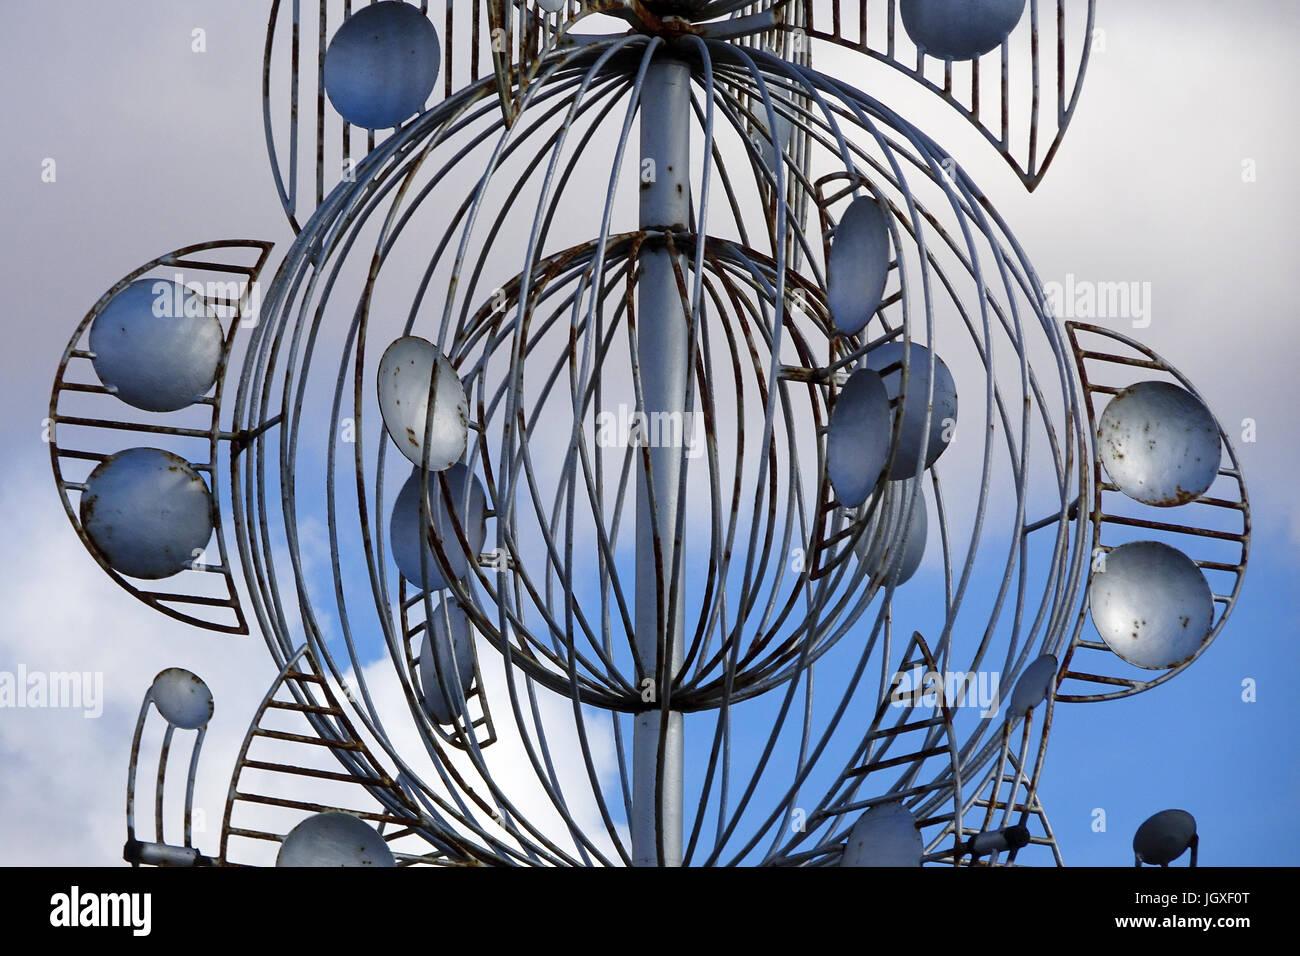 Silbernes Windspiel an einer Kreuzung, Abfahrt zur Fundacion Cesar Manrique, Tahiche, Lanzarote, Kanarische Inseln, - Stock Image